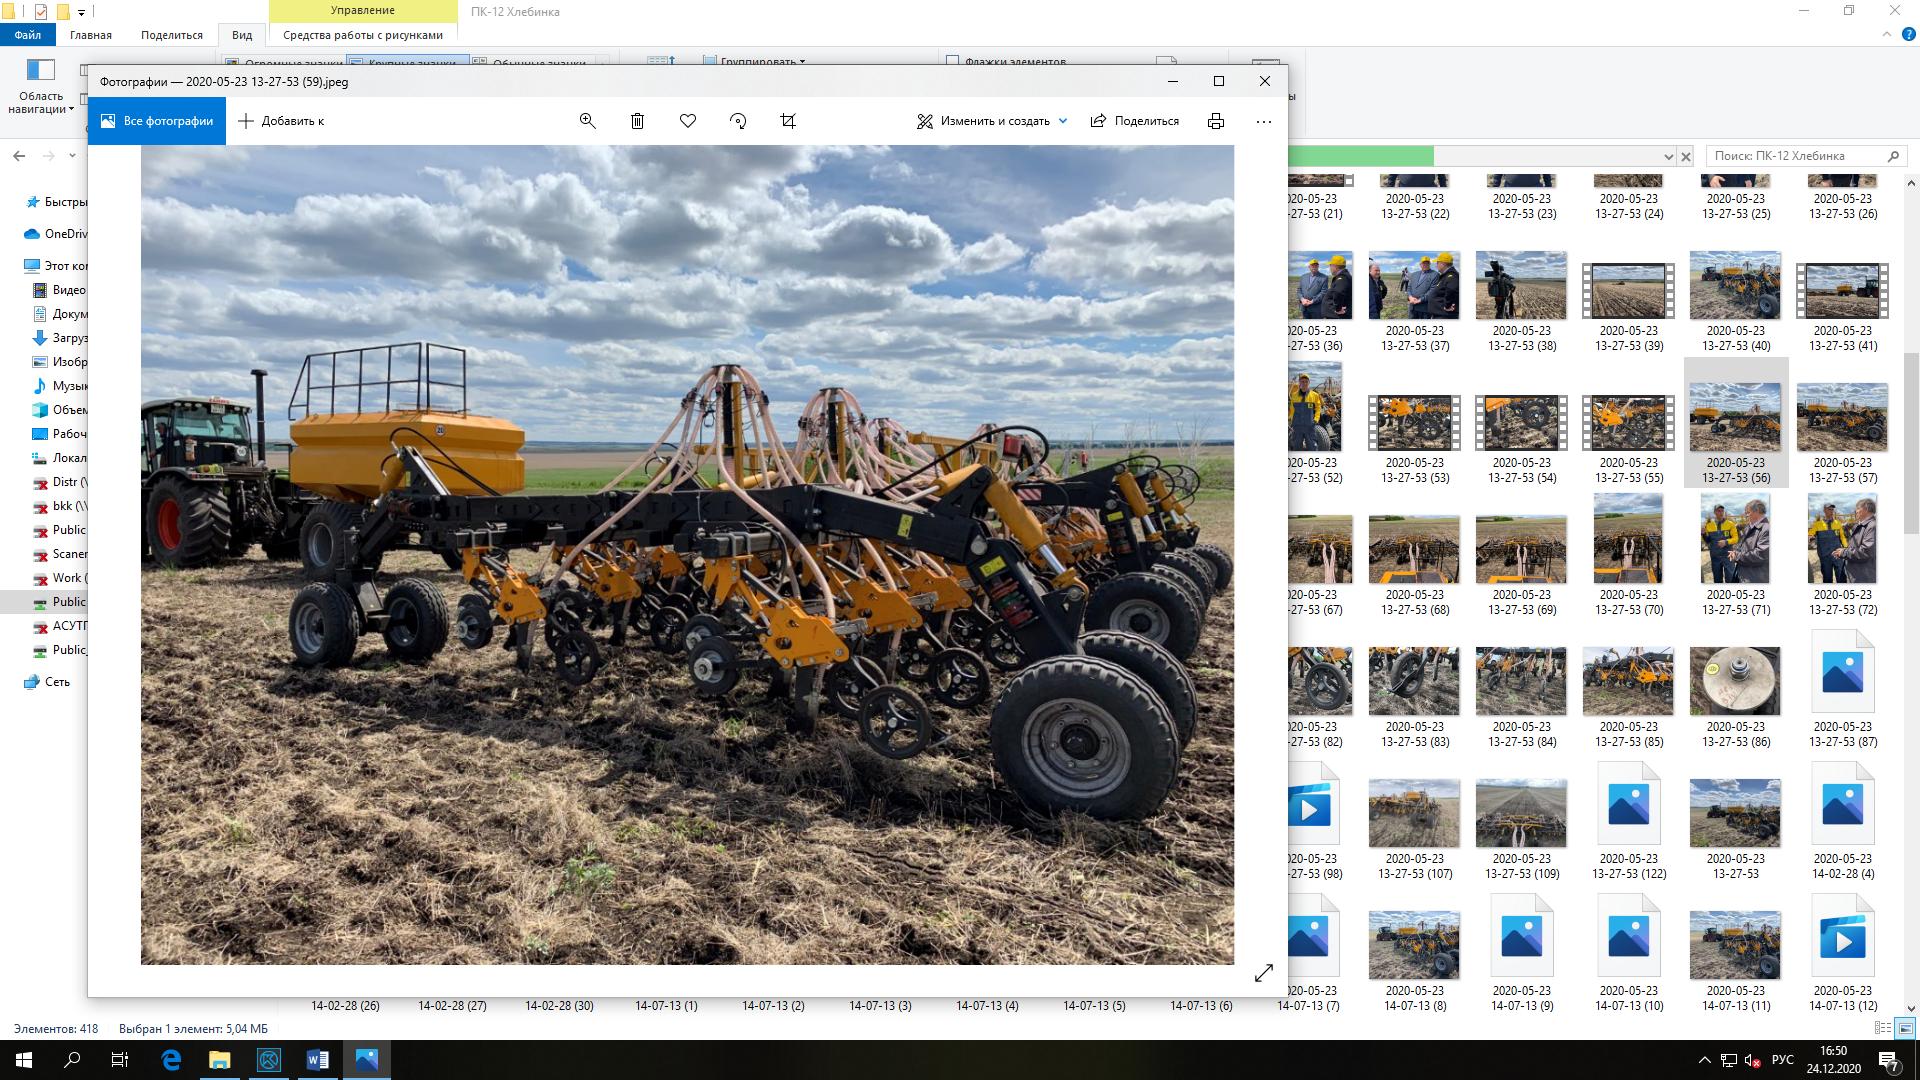 word image 1217 Разработка конструктивной схемы и обоснование параметров почвообрабатывающего посевного агрегата с пневматическим высевом семян для тракторов класса тяги 5